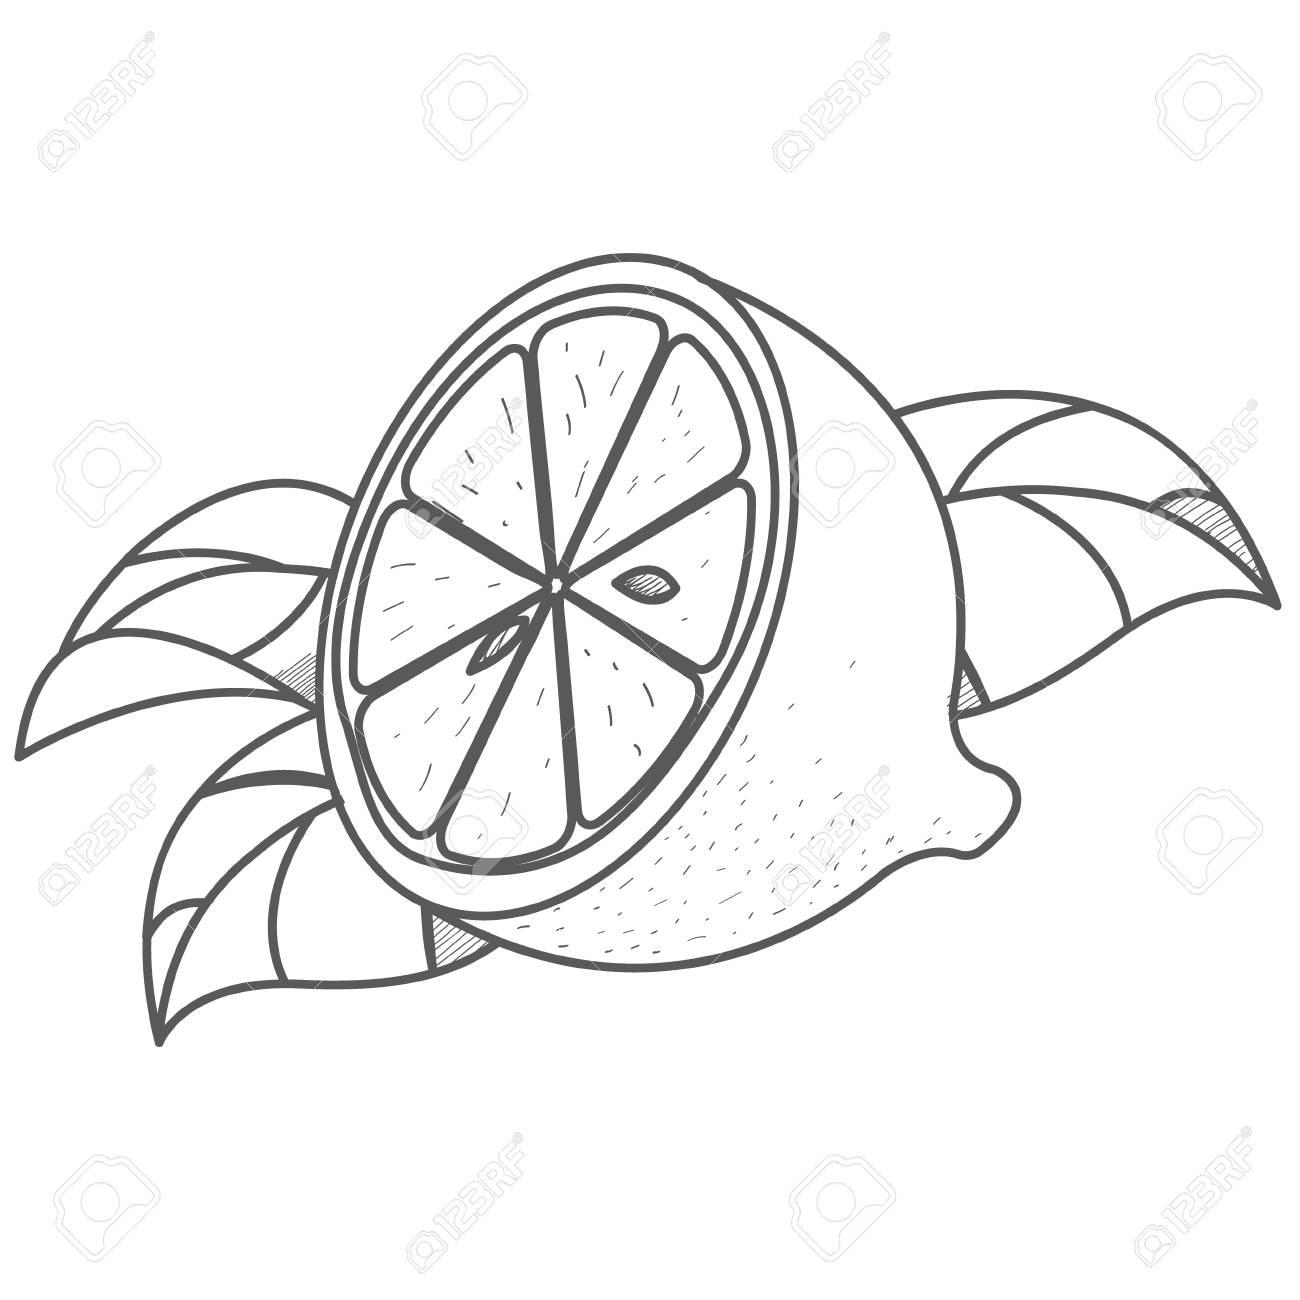 Half of lemon logo half of lemon logo outline drawing of citrus stock